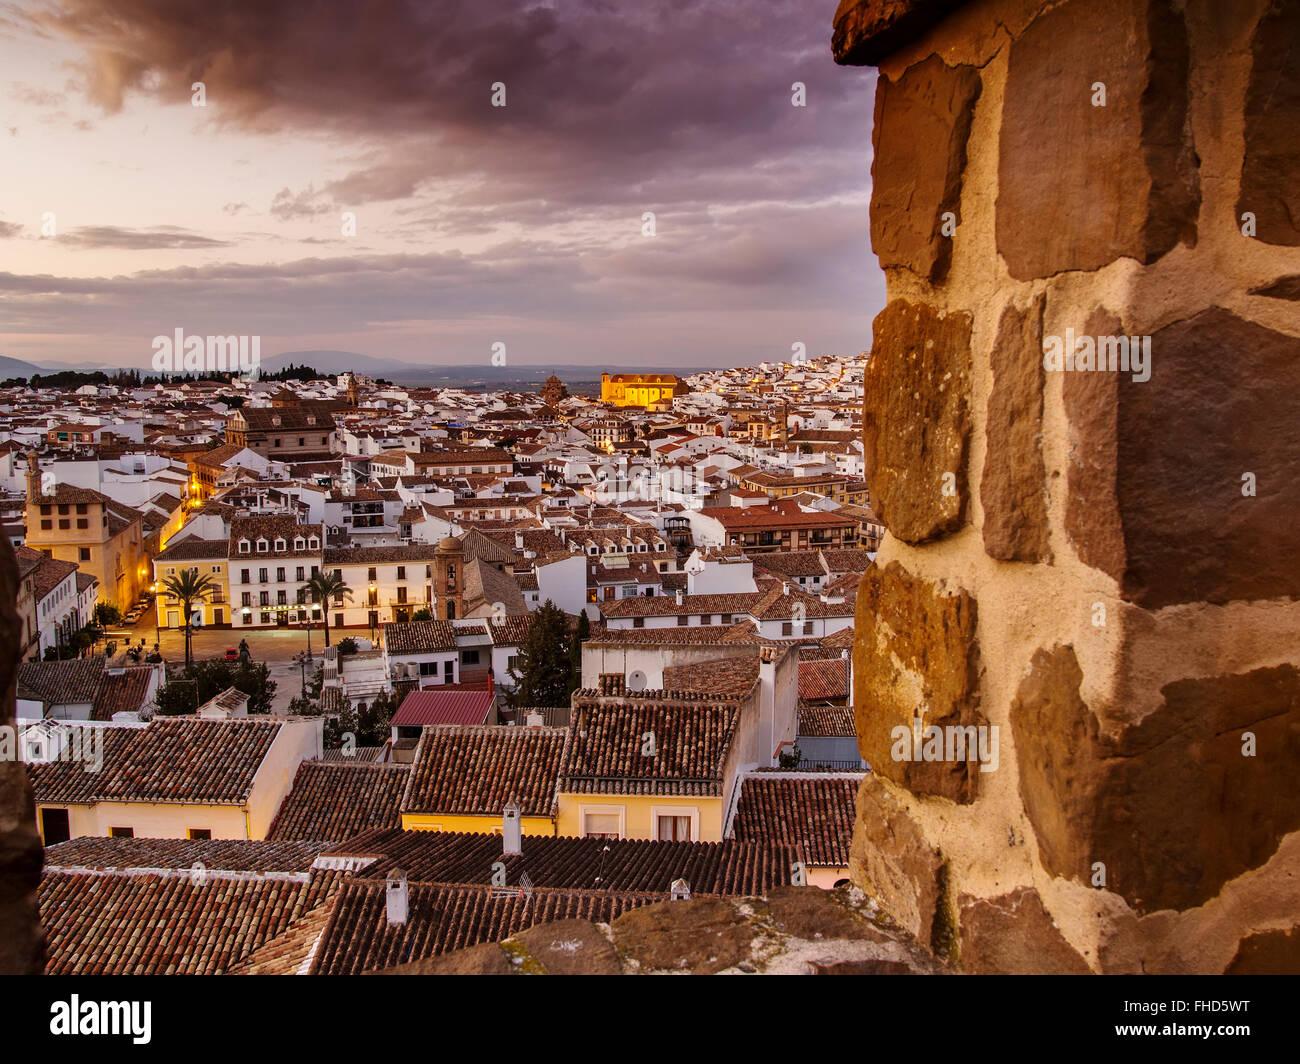 Tramonto, città monumentale Antequera, provincia di Malaga. Andalusia Spagna meridionale Immagini Stock